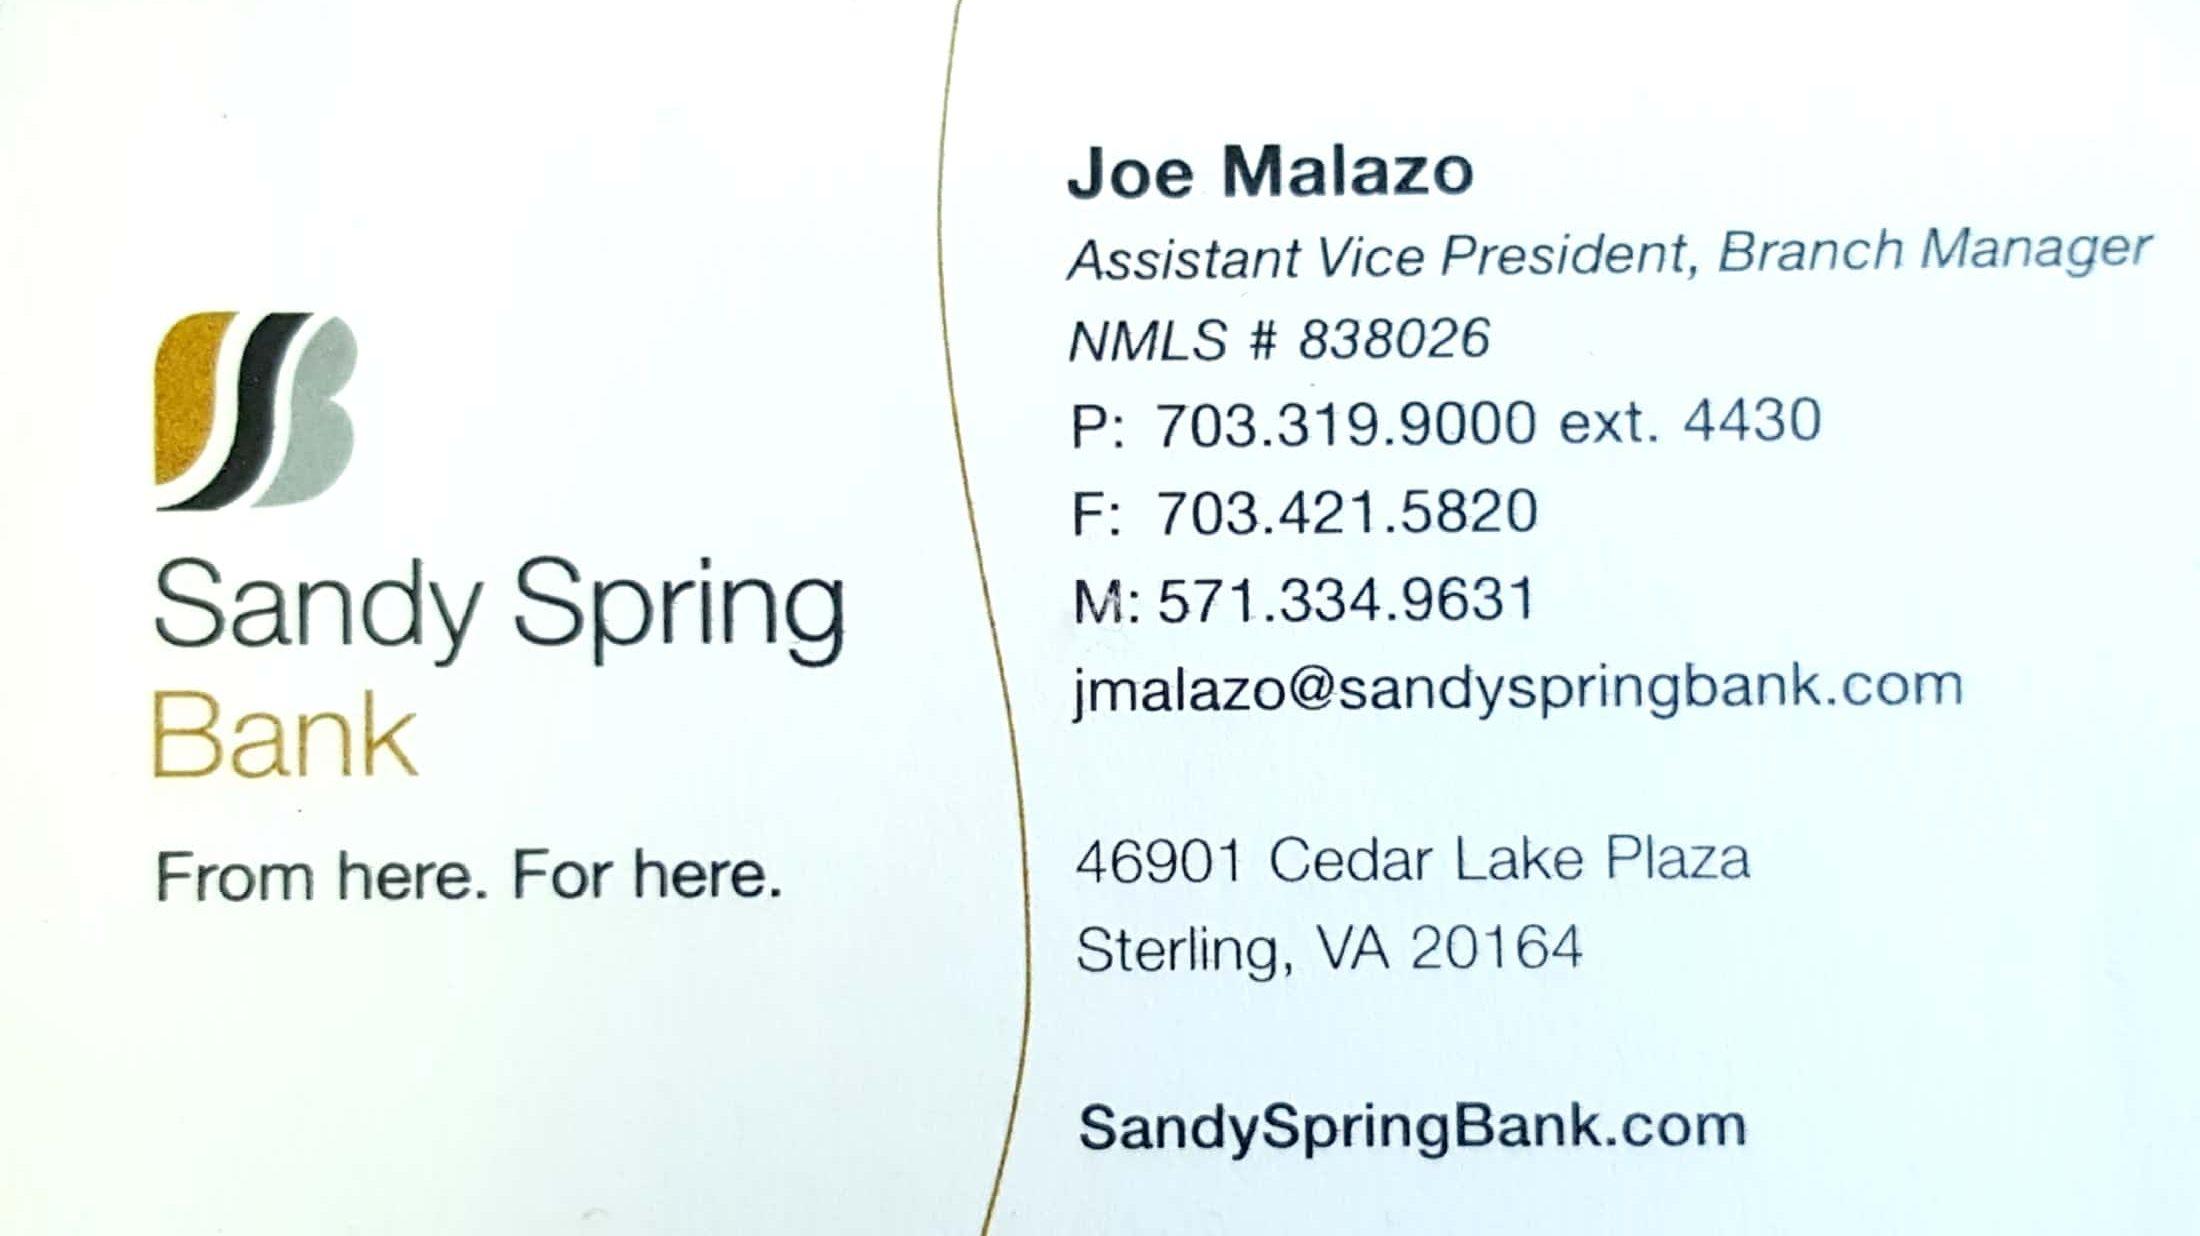 Joe Malazo